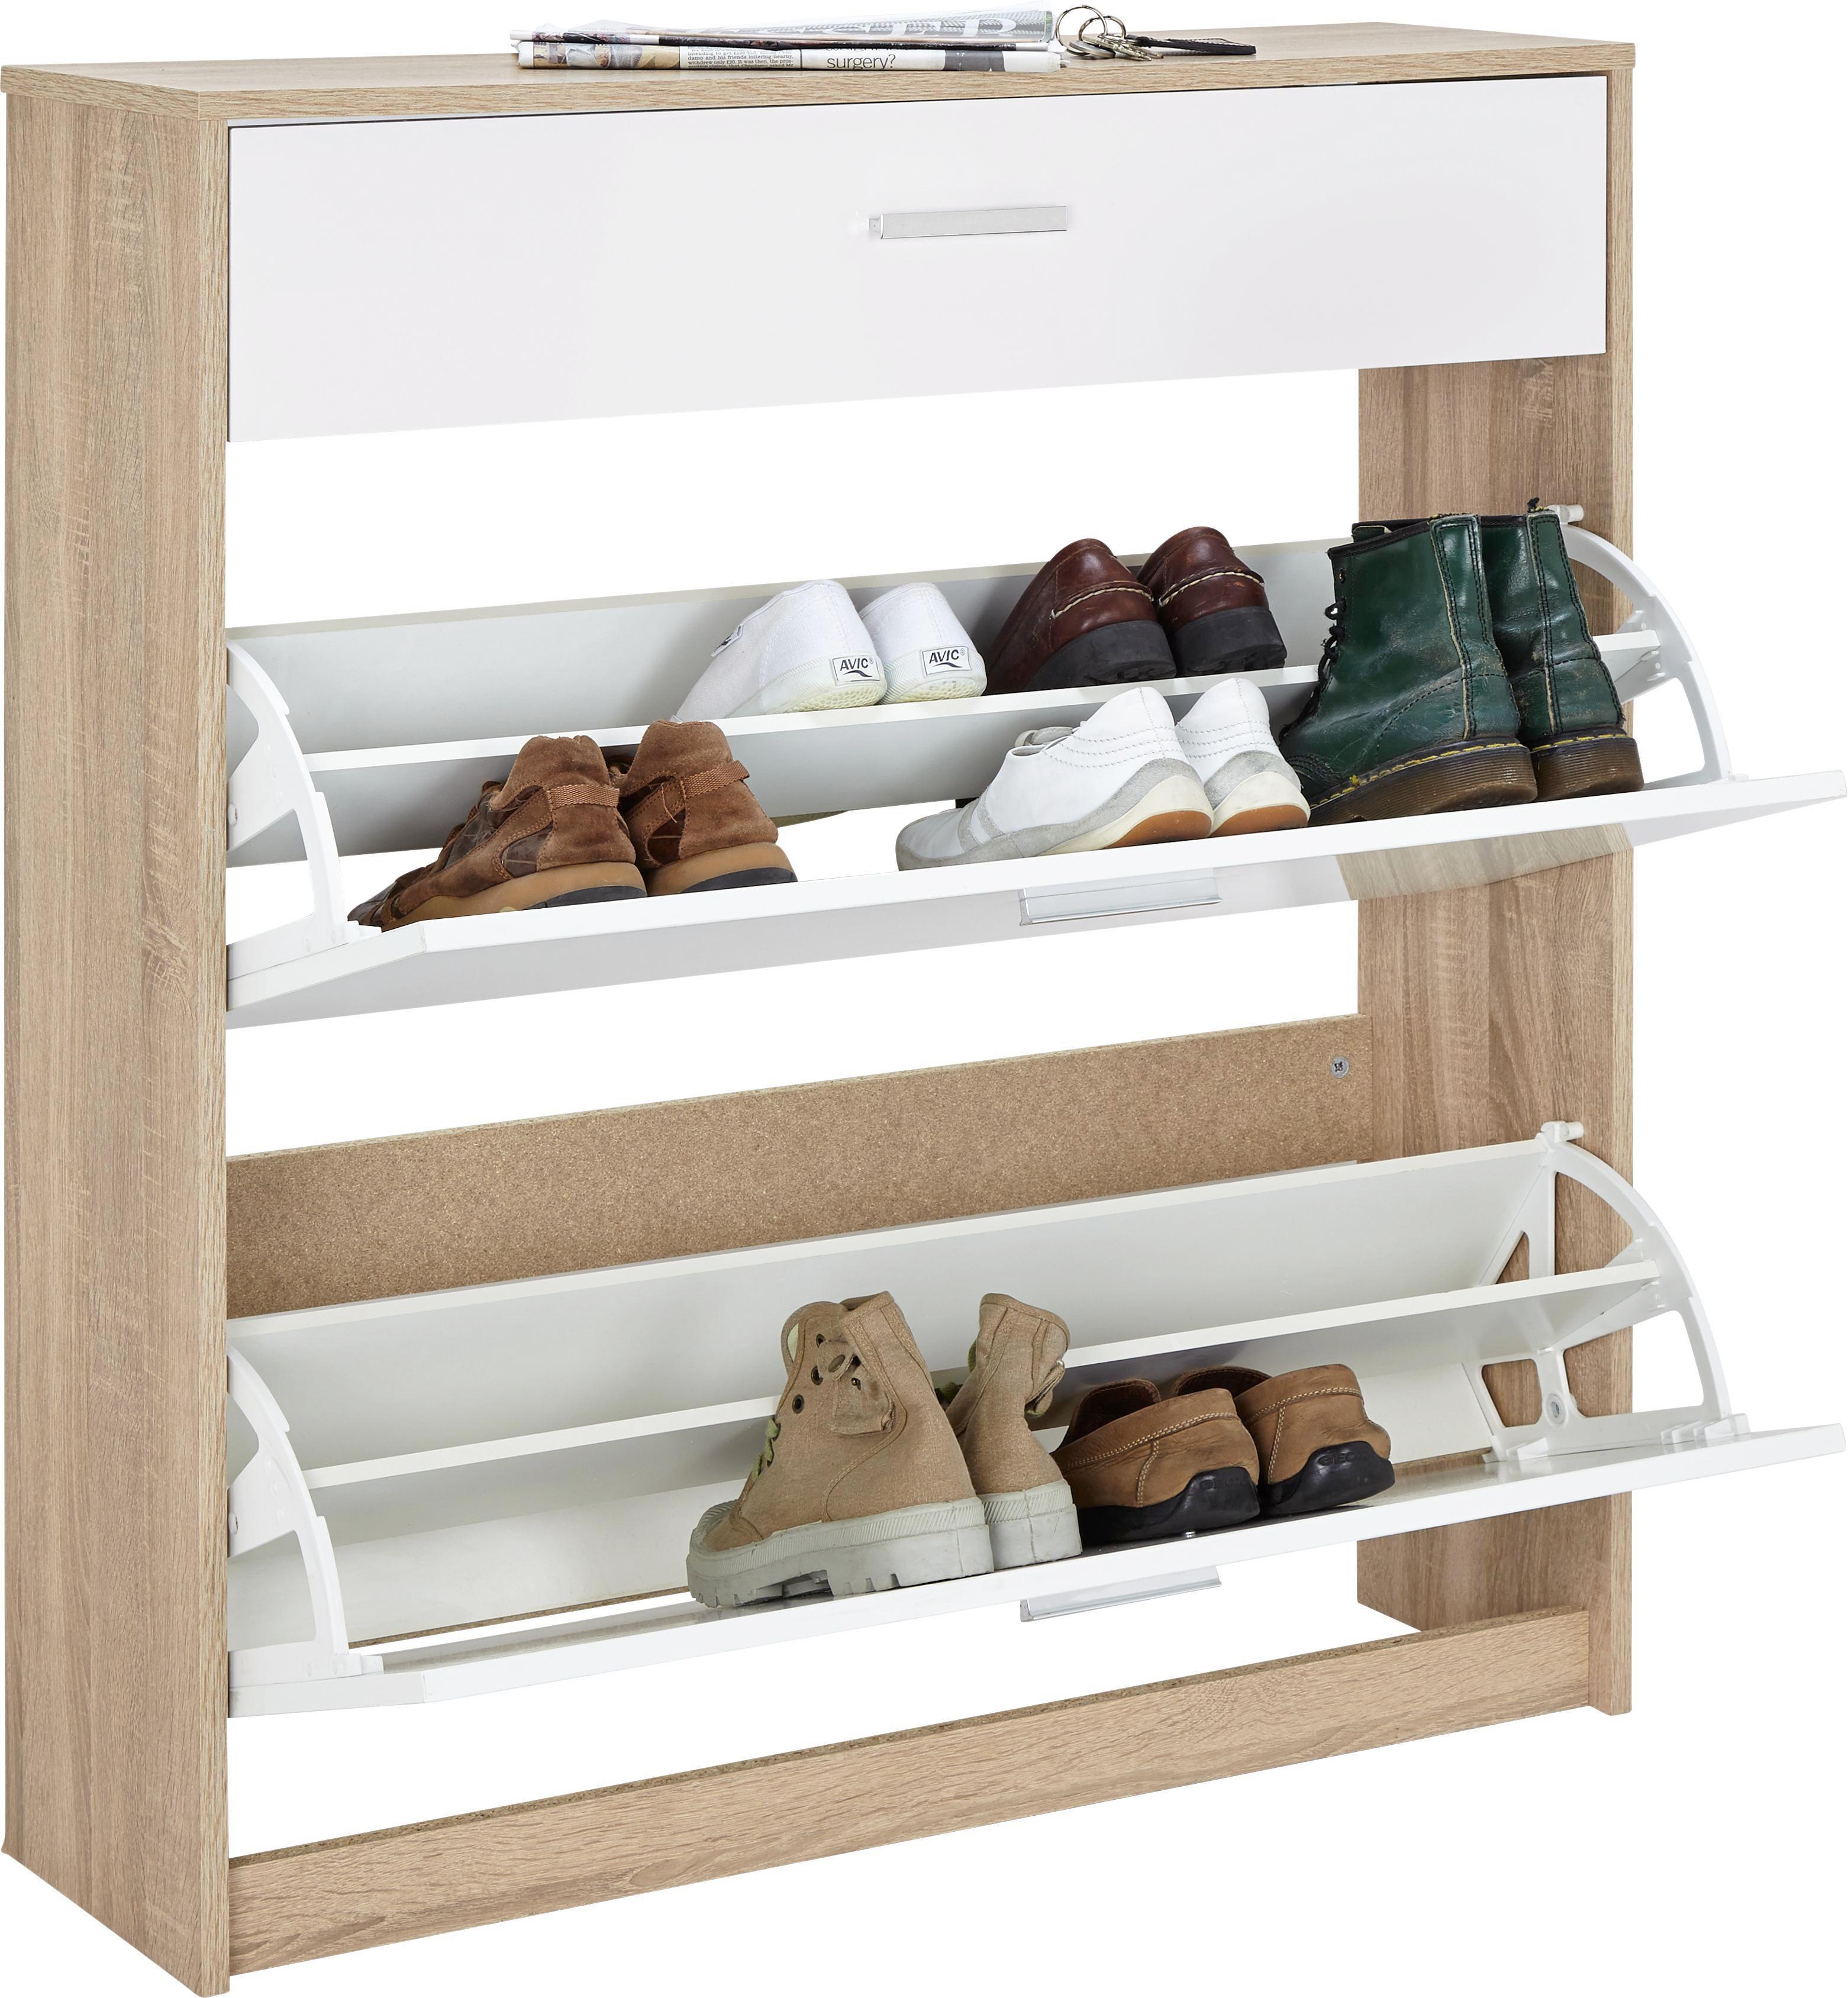 Schuhschrank In Eiche/Weiß Online Kaufen ➤ Mömax